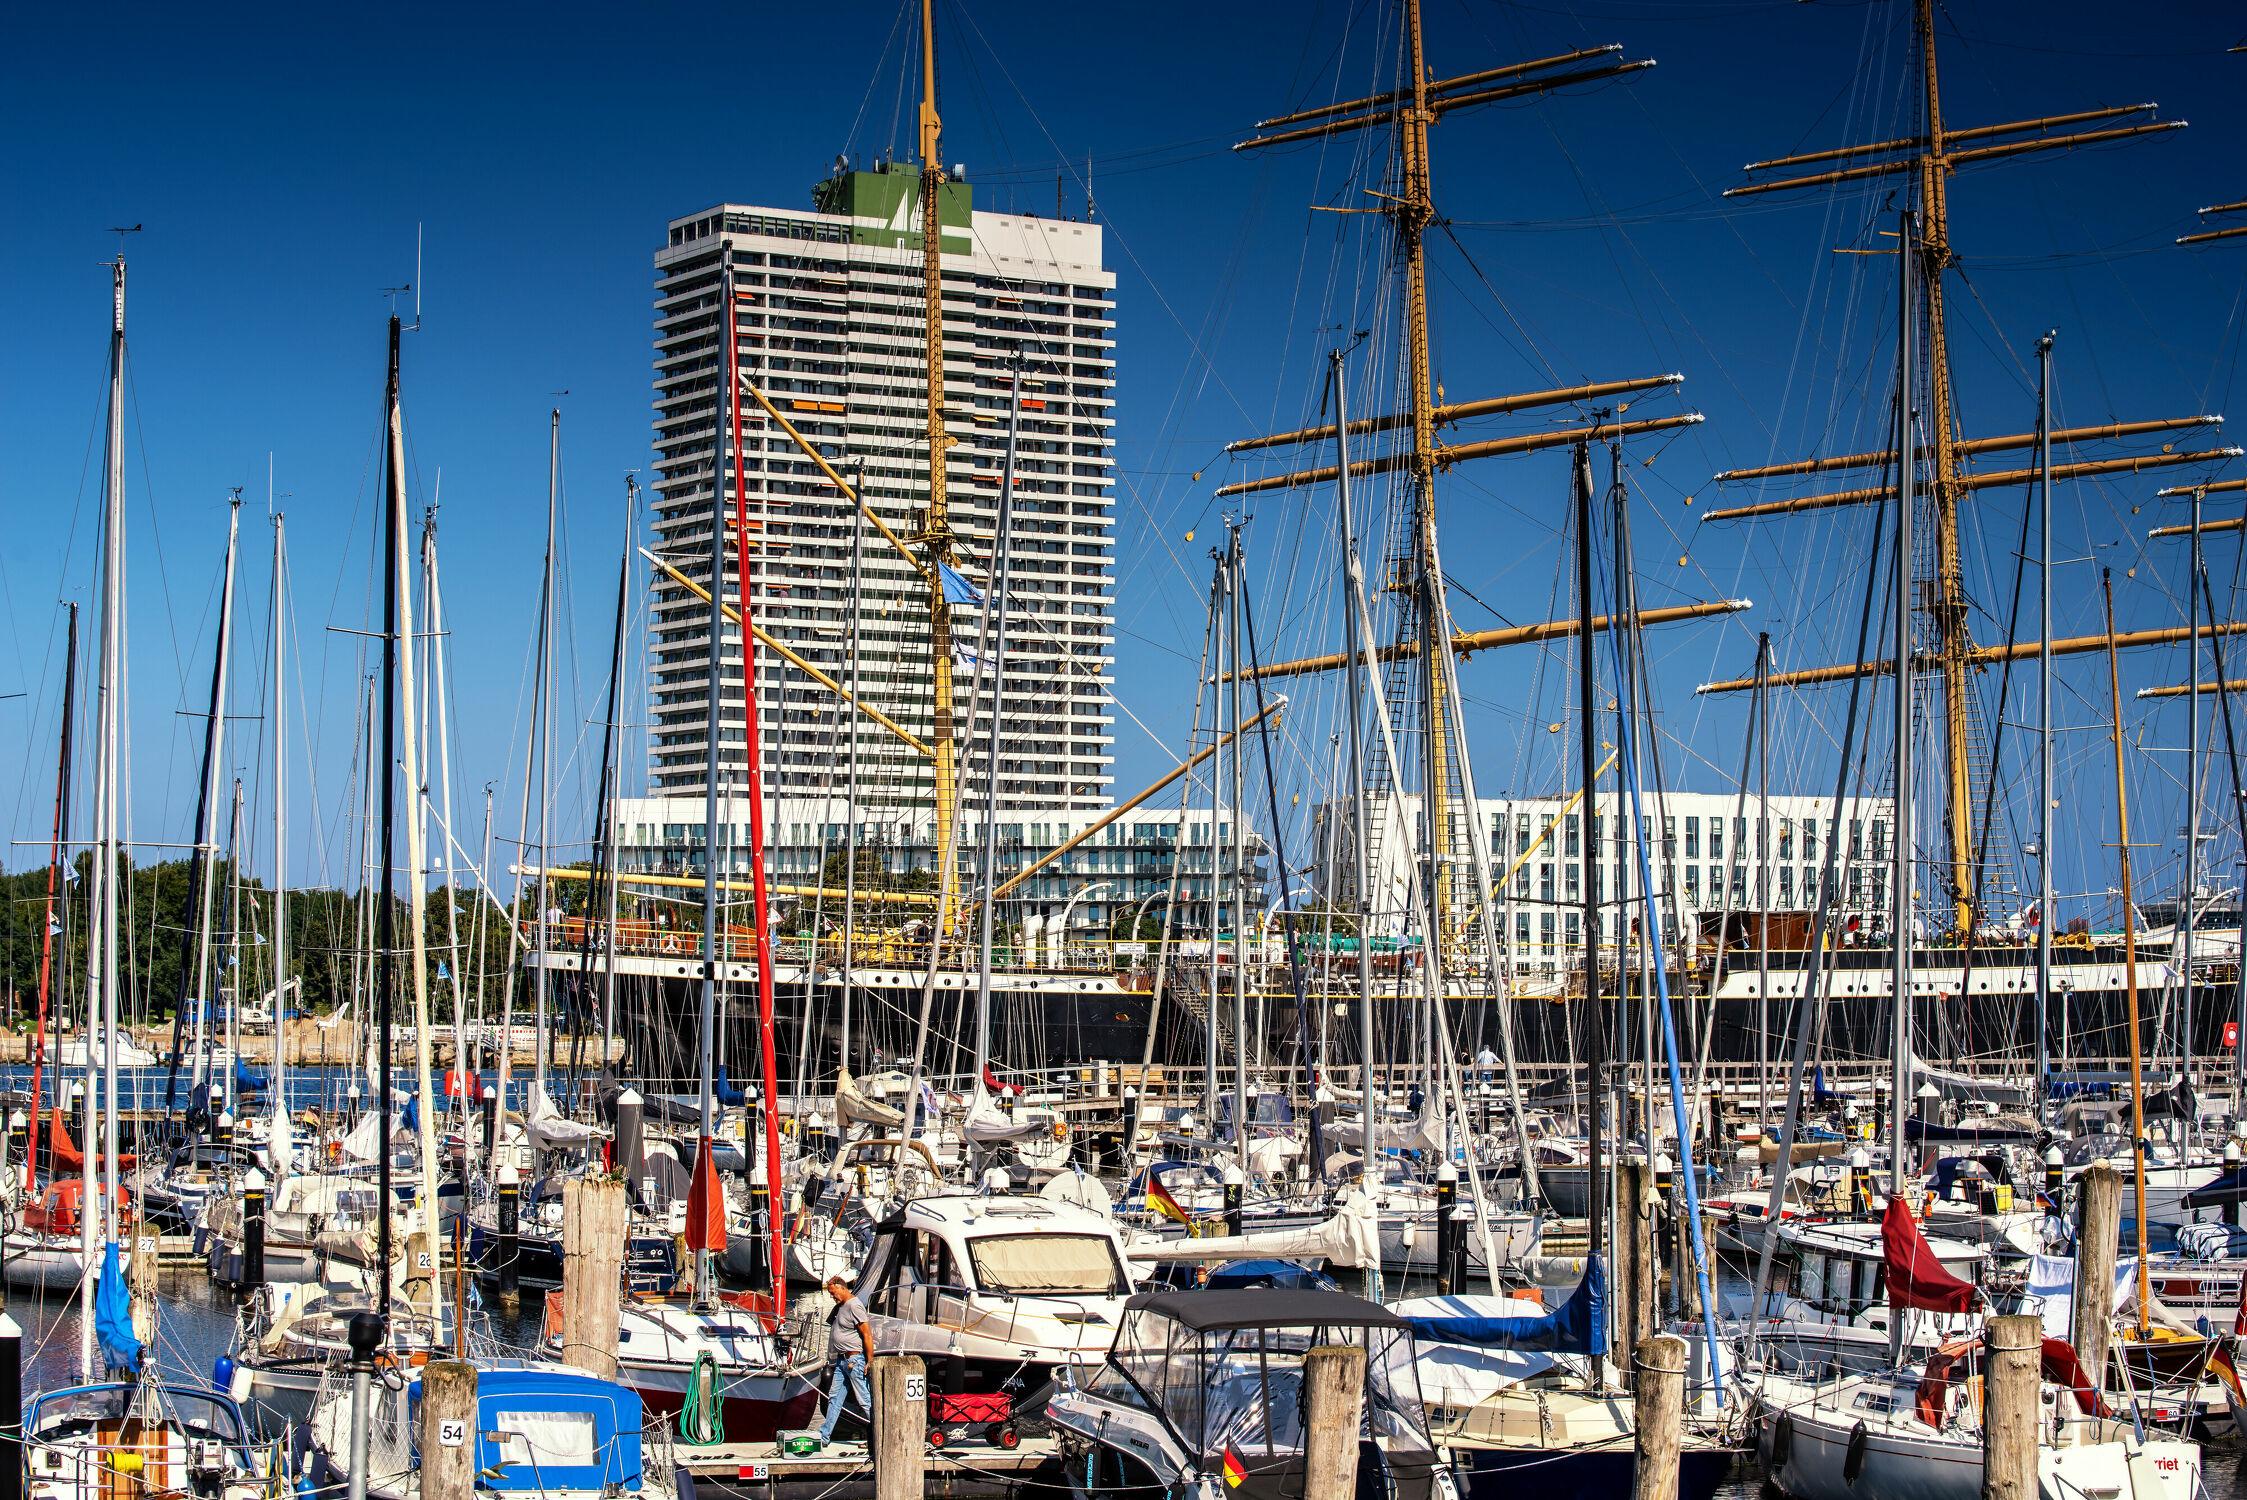 Bild mit Jahreszeiten, Architektur, Sommer, Schiffe, Ostsee, Meer, Boote, Yachthafen, Travemünde, Trave